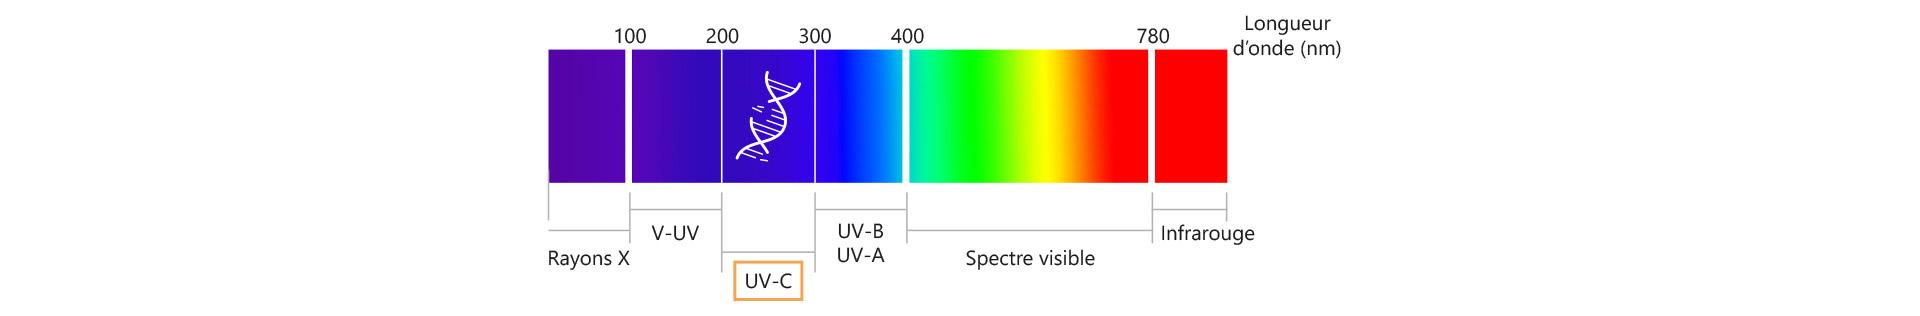 Longueur d'onde des rayons UV-C